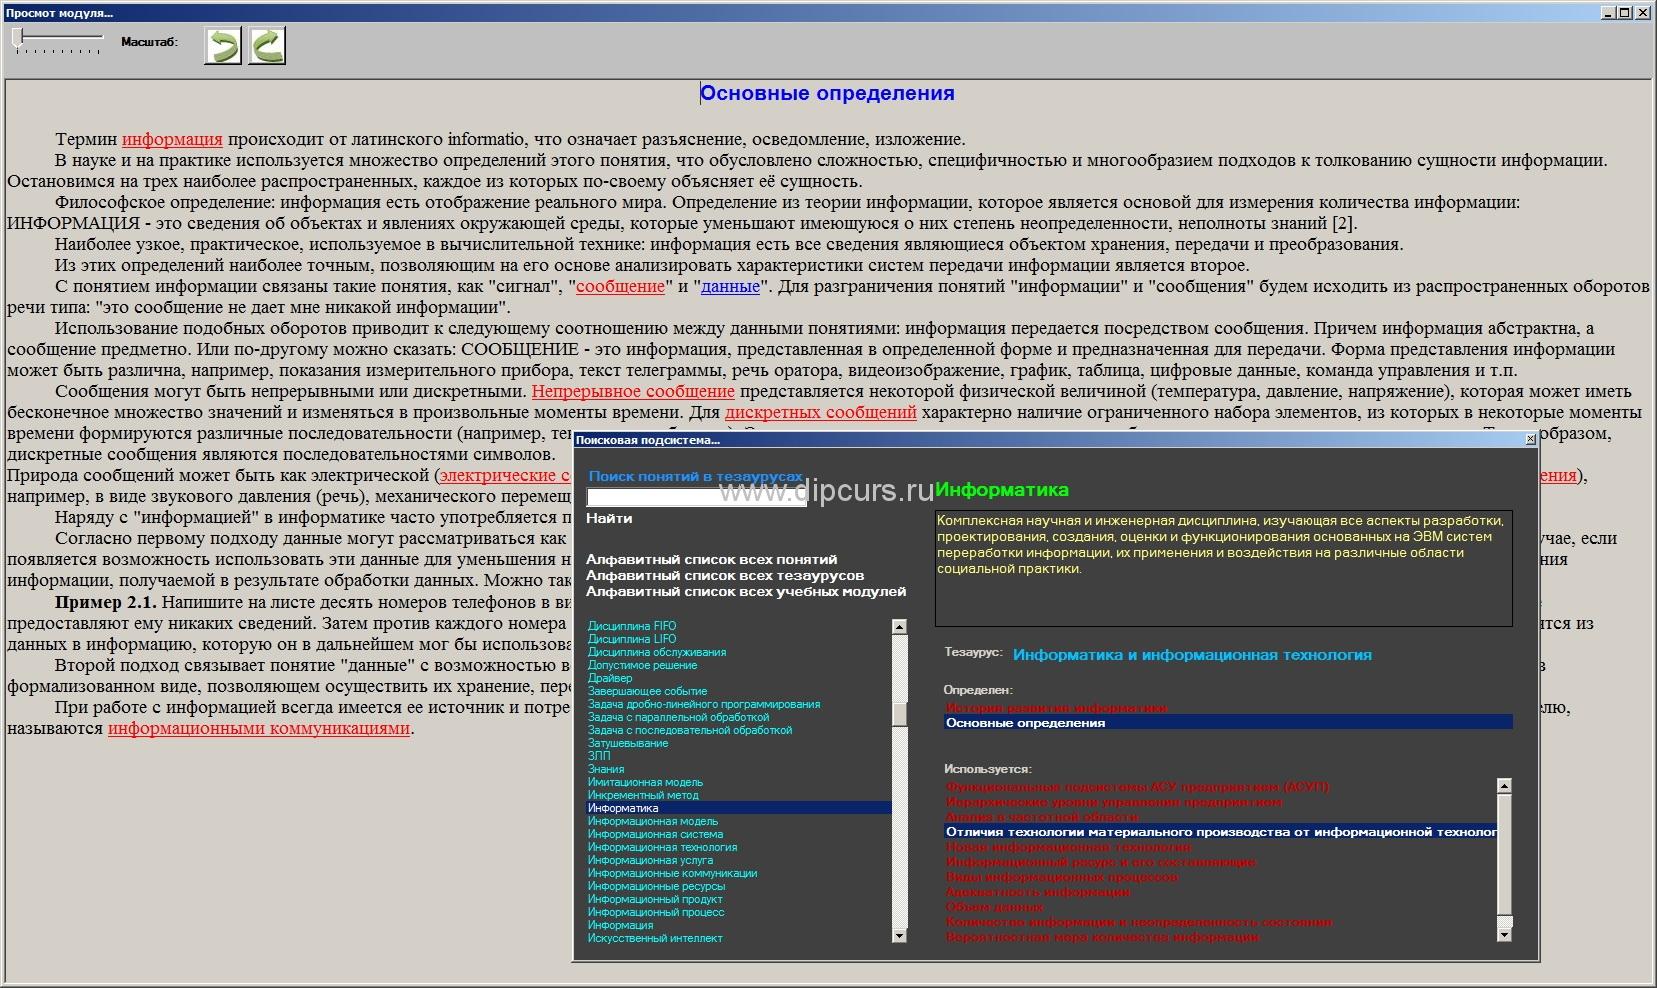 Программу для создания дипломной